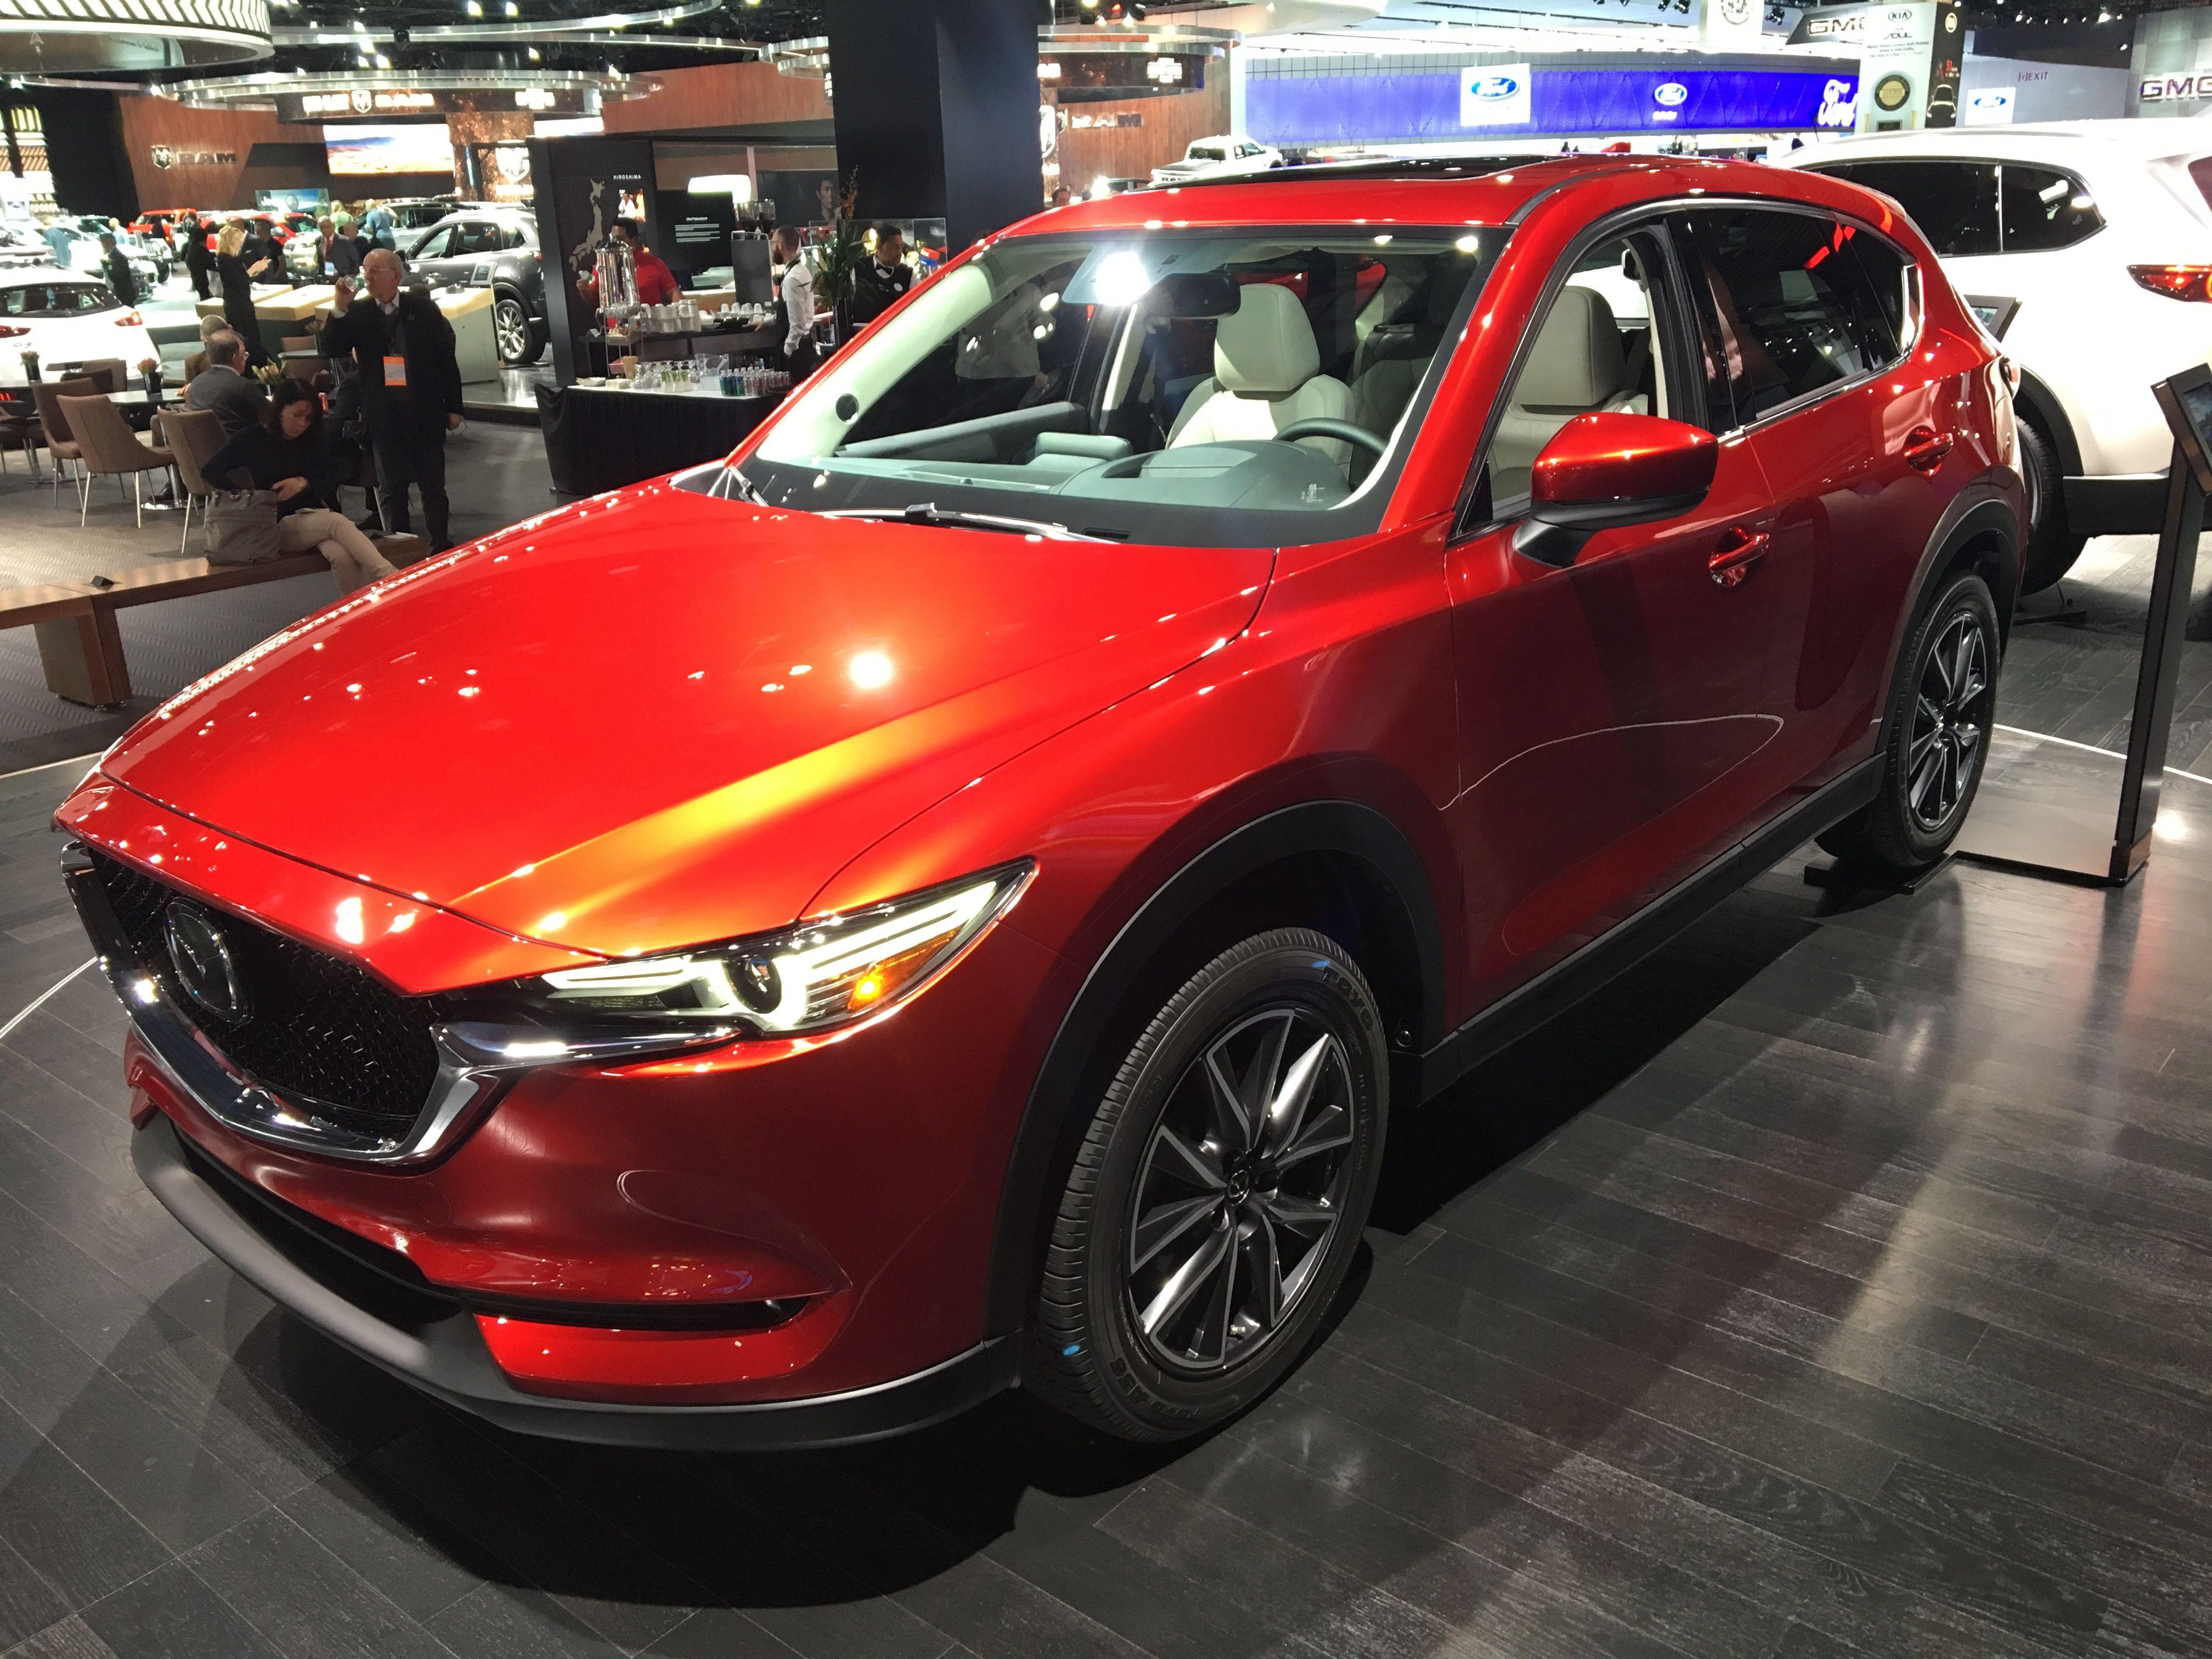 The 2017 Mazda CX5 Mazda, Automotive, Suv car